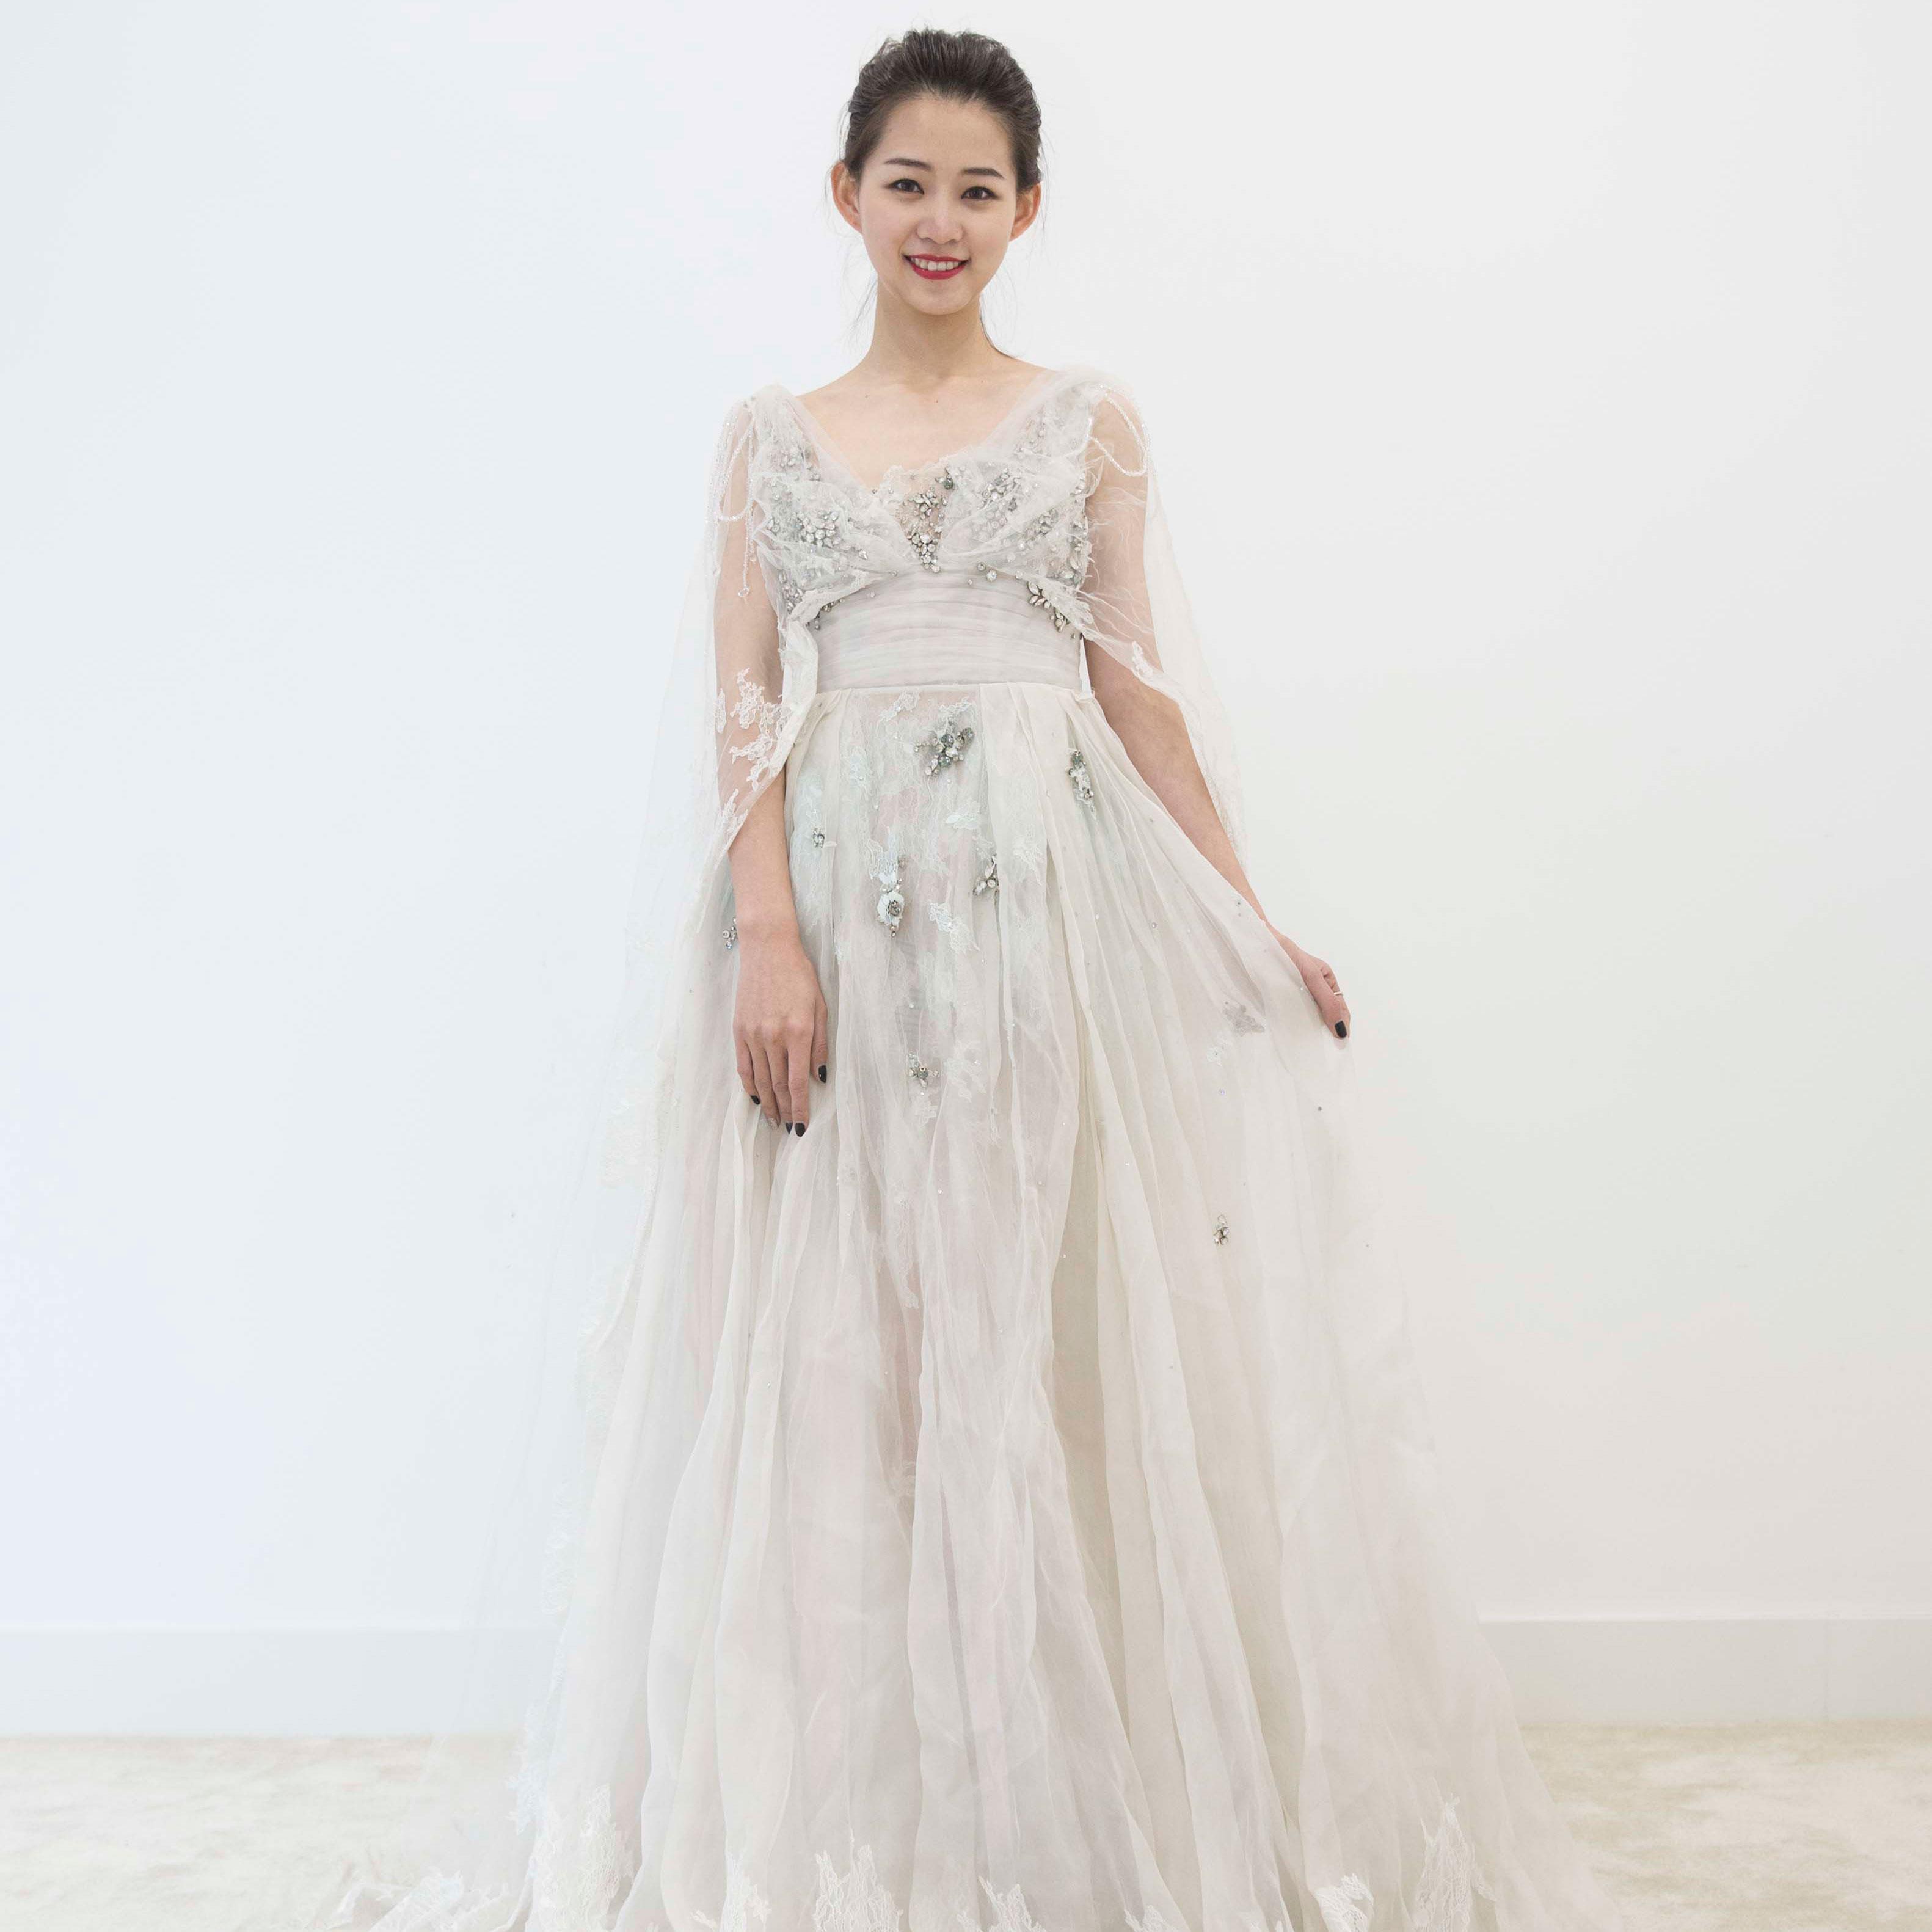 真爱殿堂 兰玉 蕾丝 蓬蓬裙婚纱